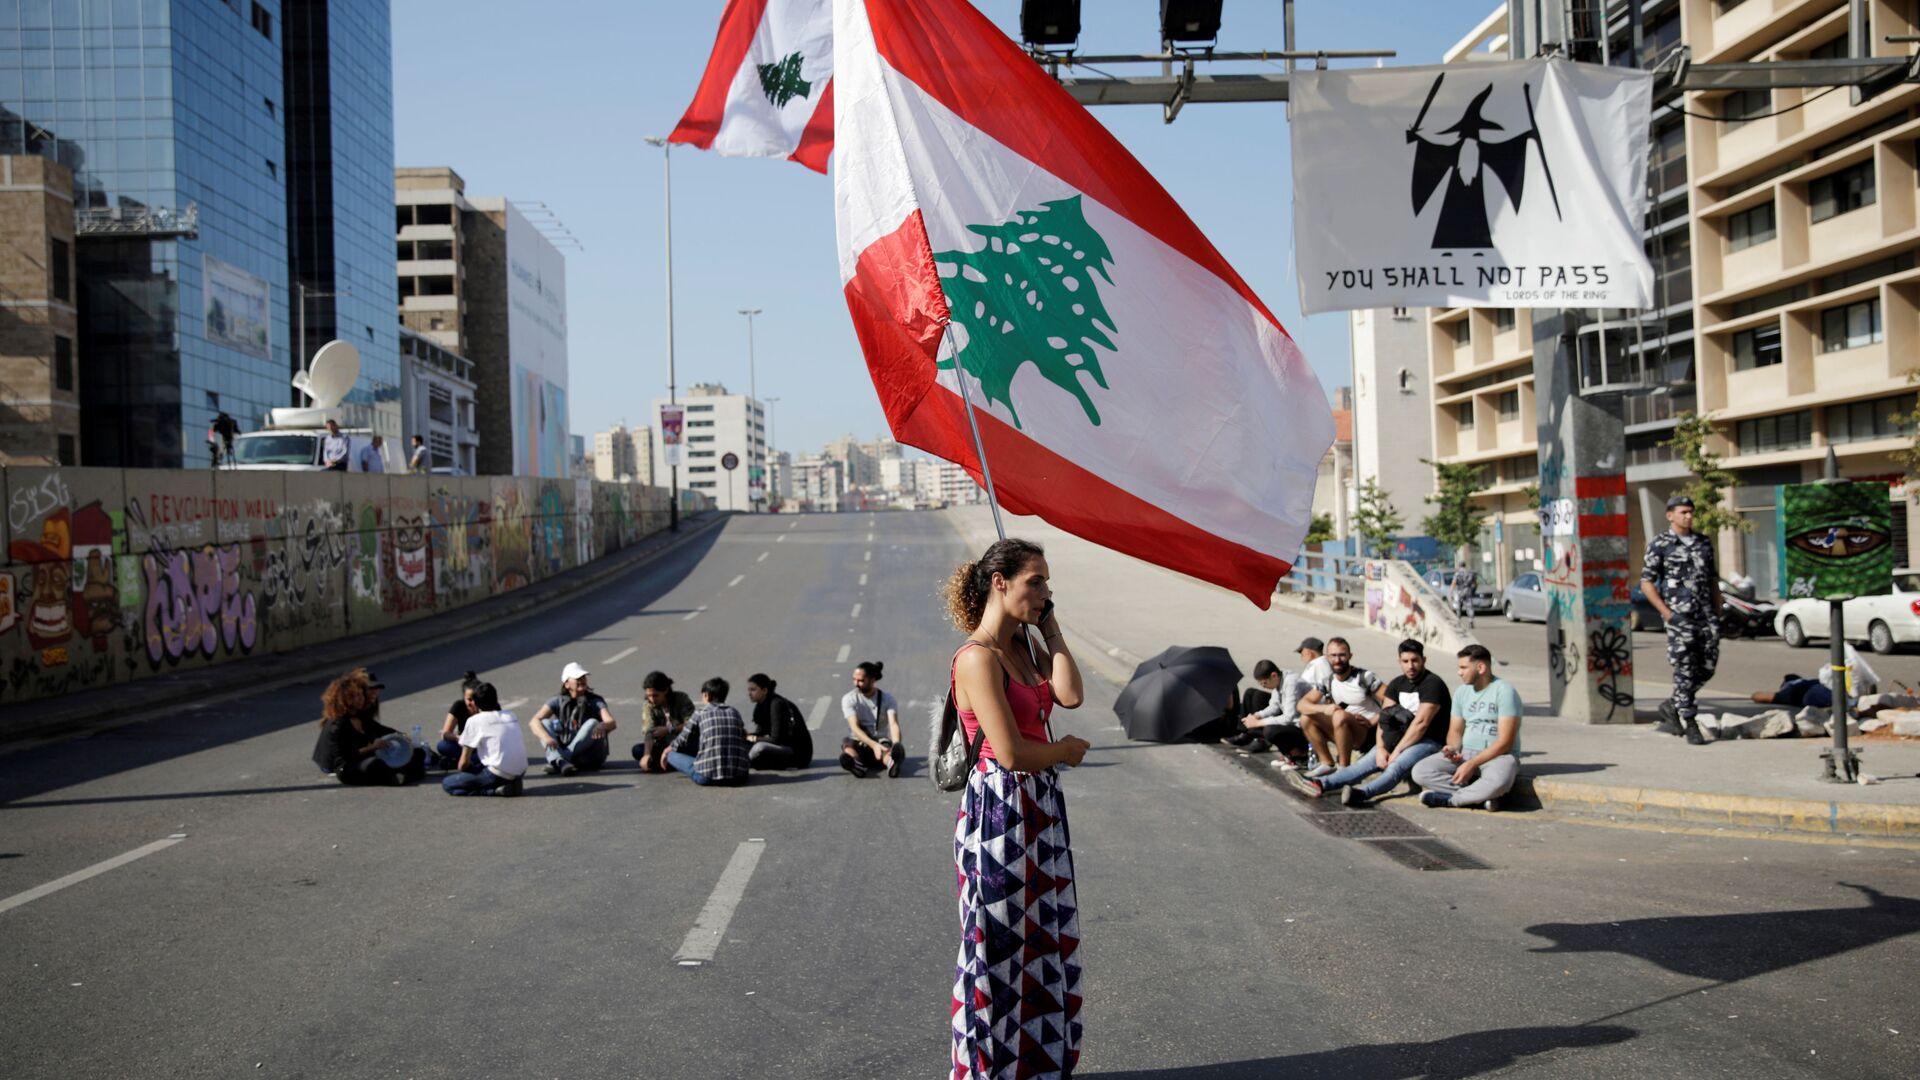 Una ragazza durante le proteste in Libano  - Sputnik Italia, 1920, 10.07.2021